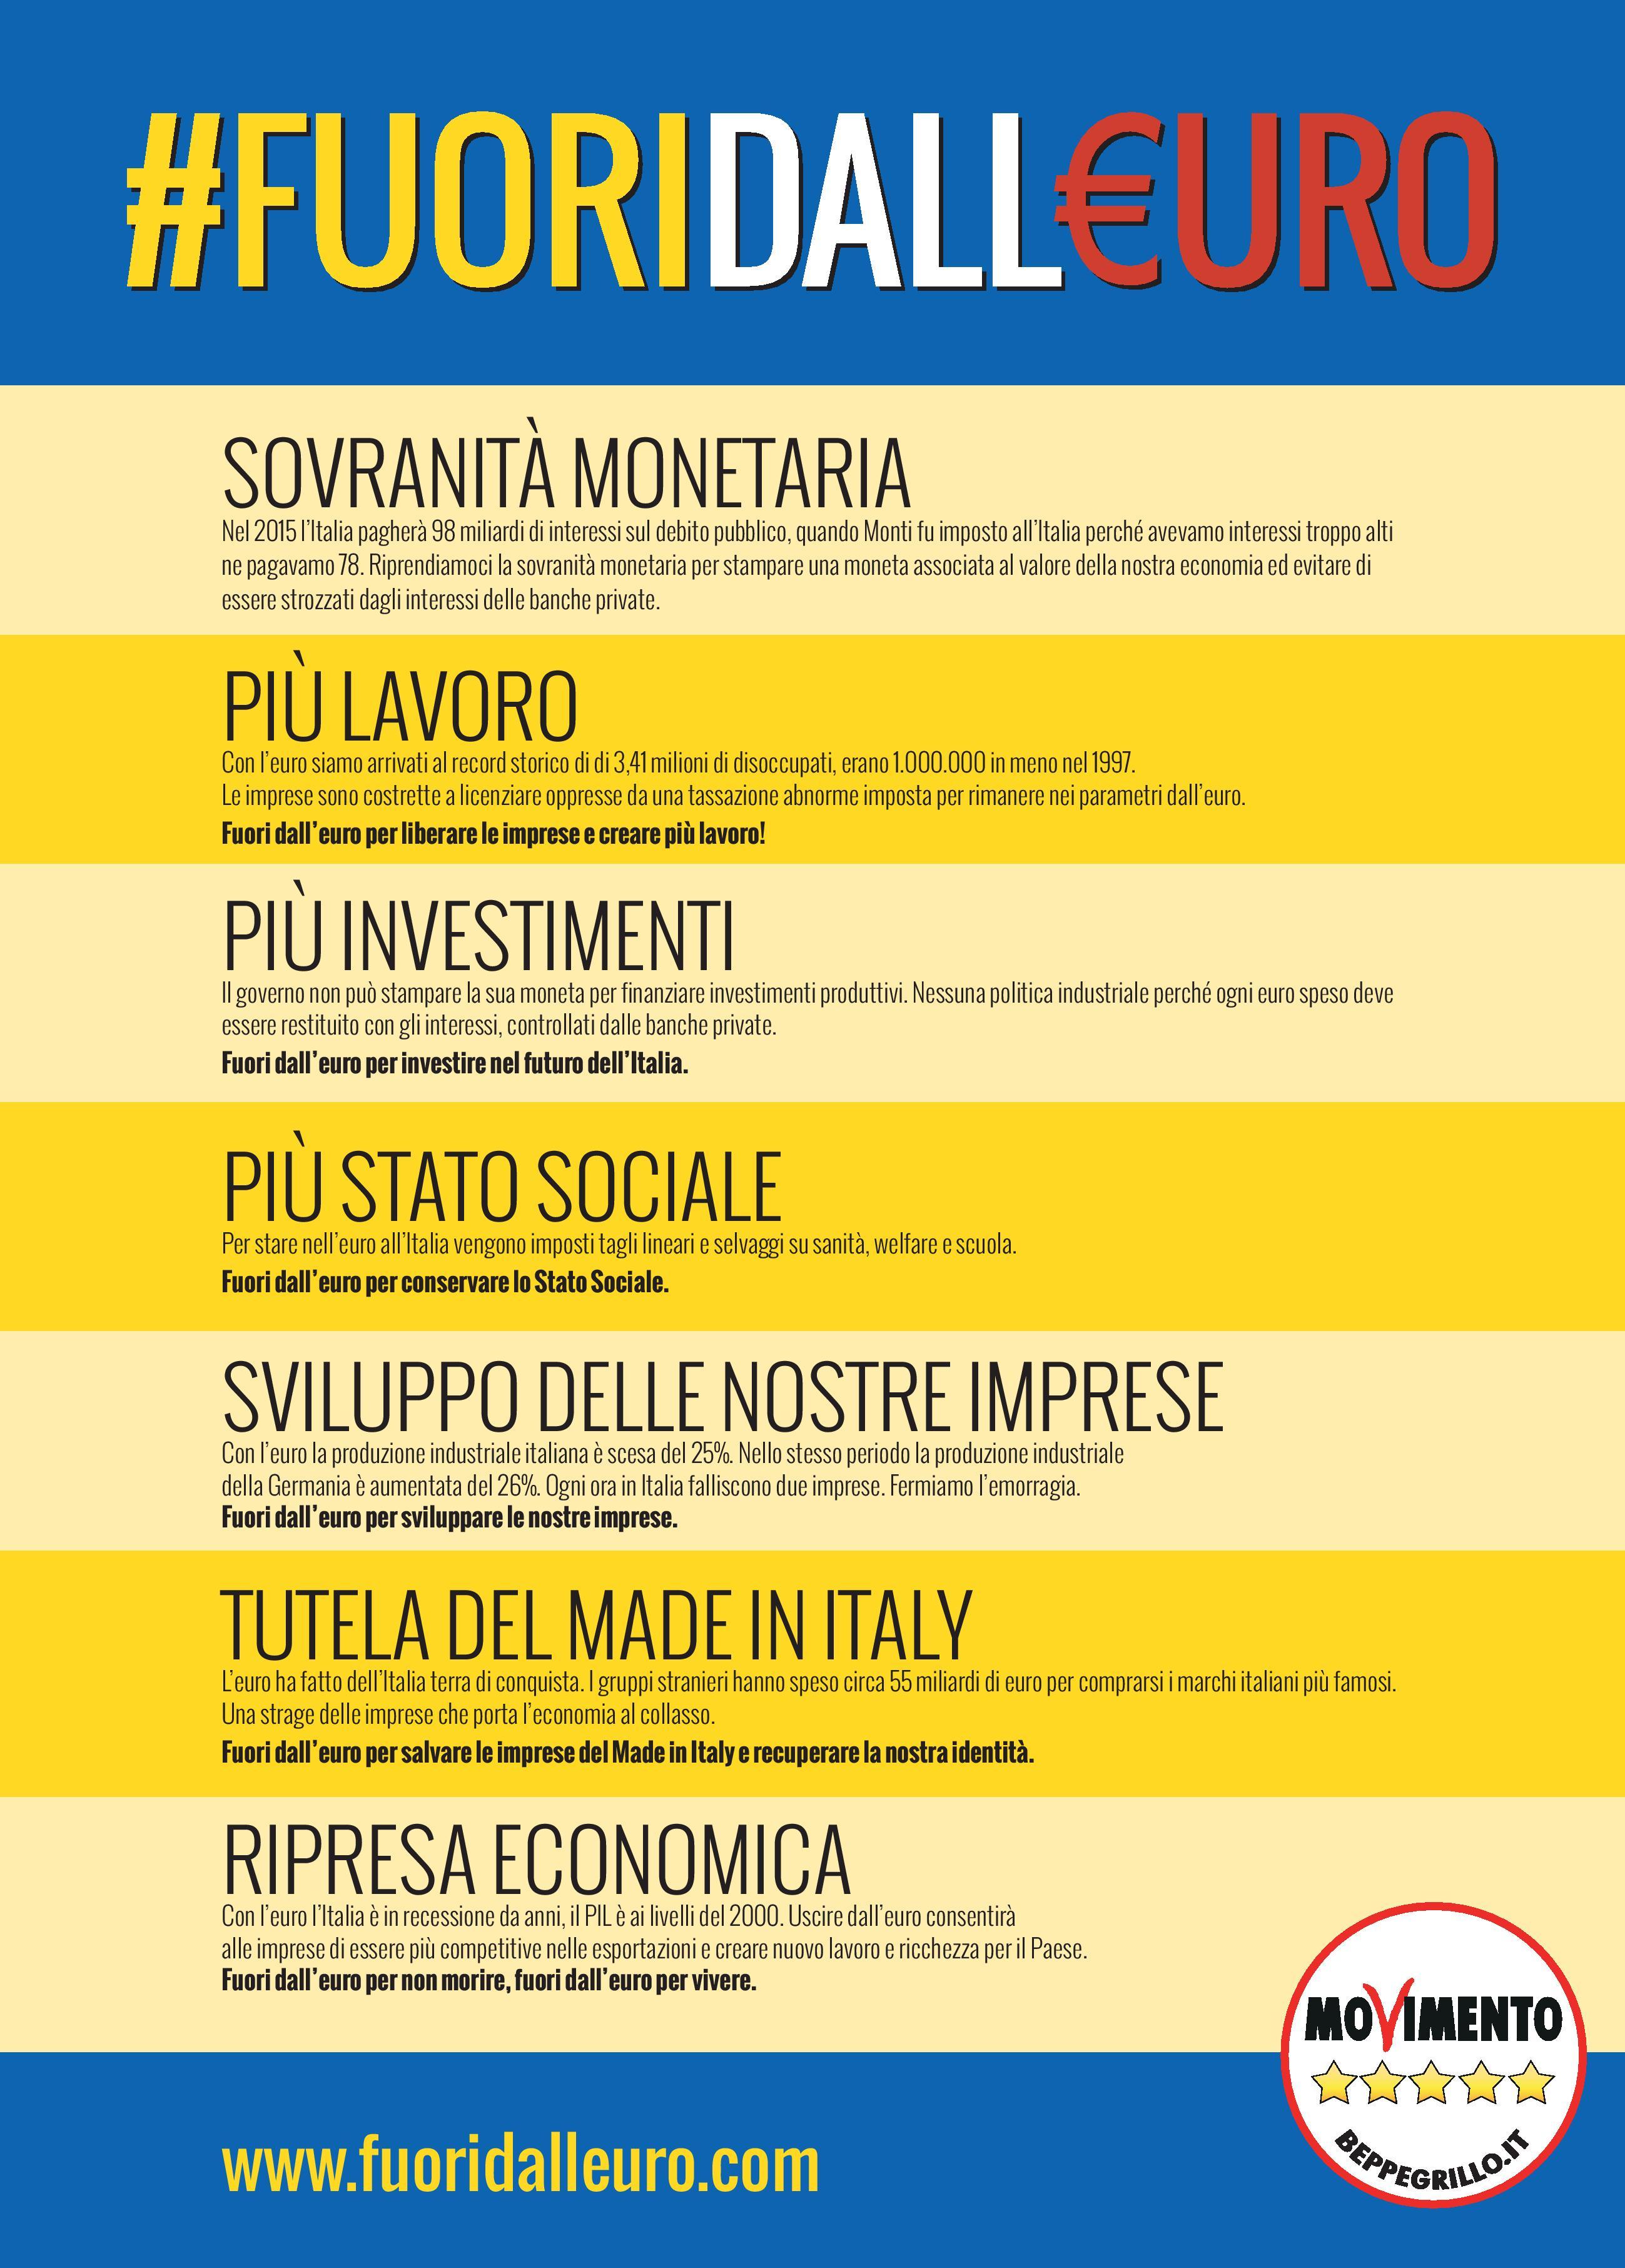 Volantino_con_i_Motivi_per_uscire_dall_euro-page-002